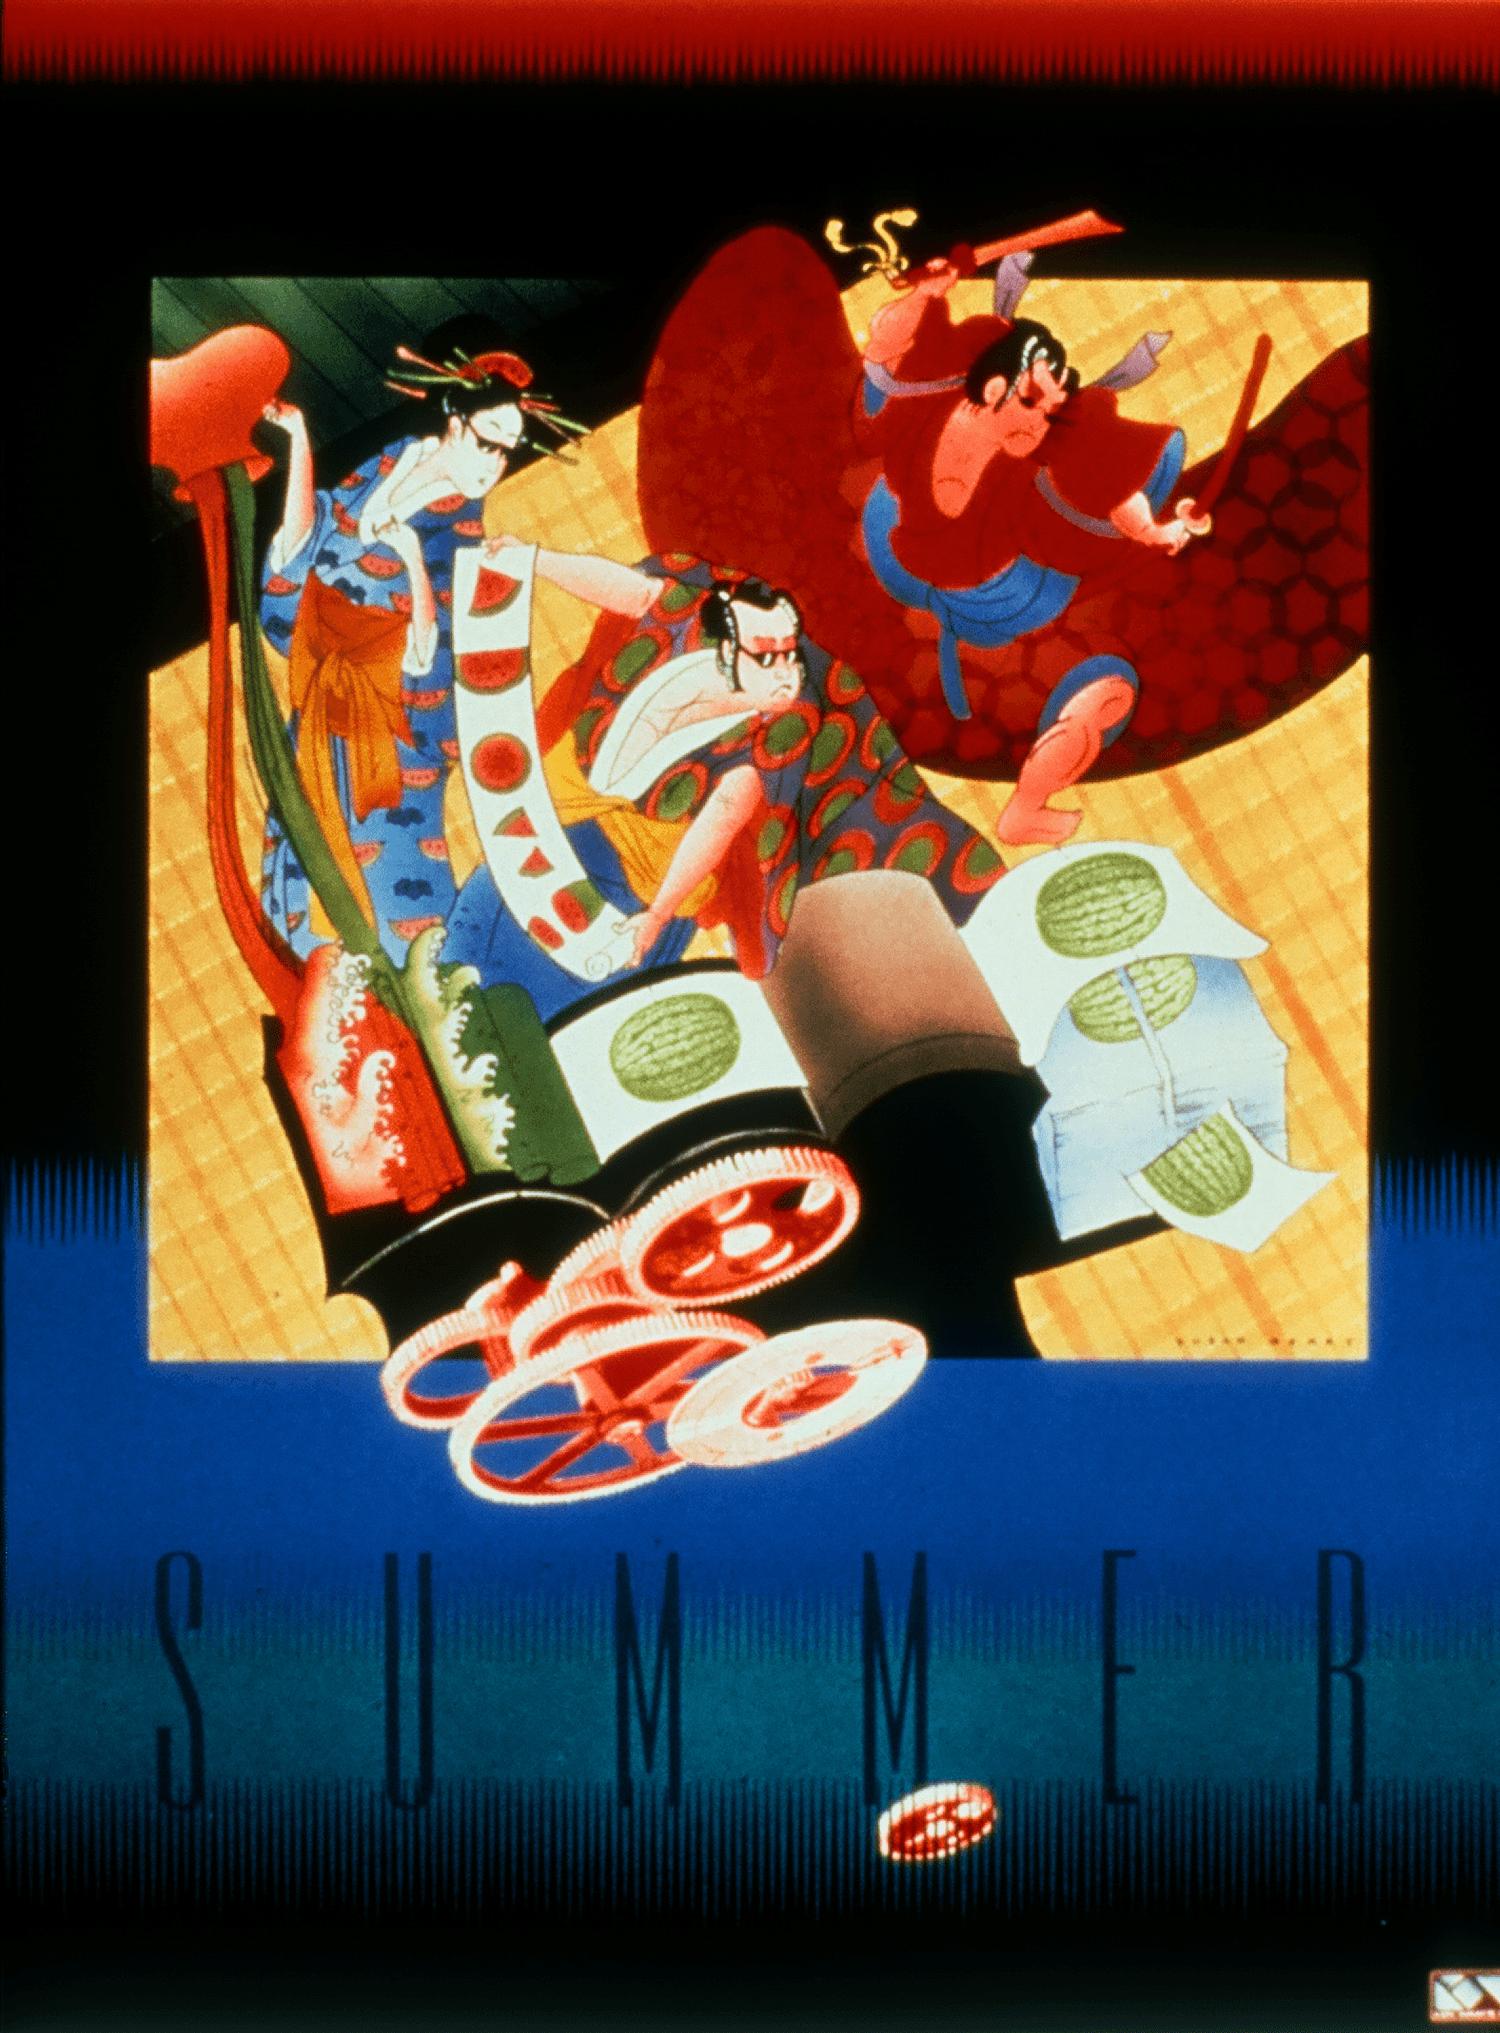 A metaphor as an international award winning poster.